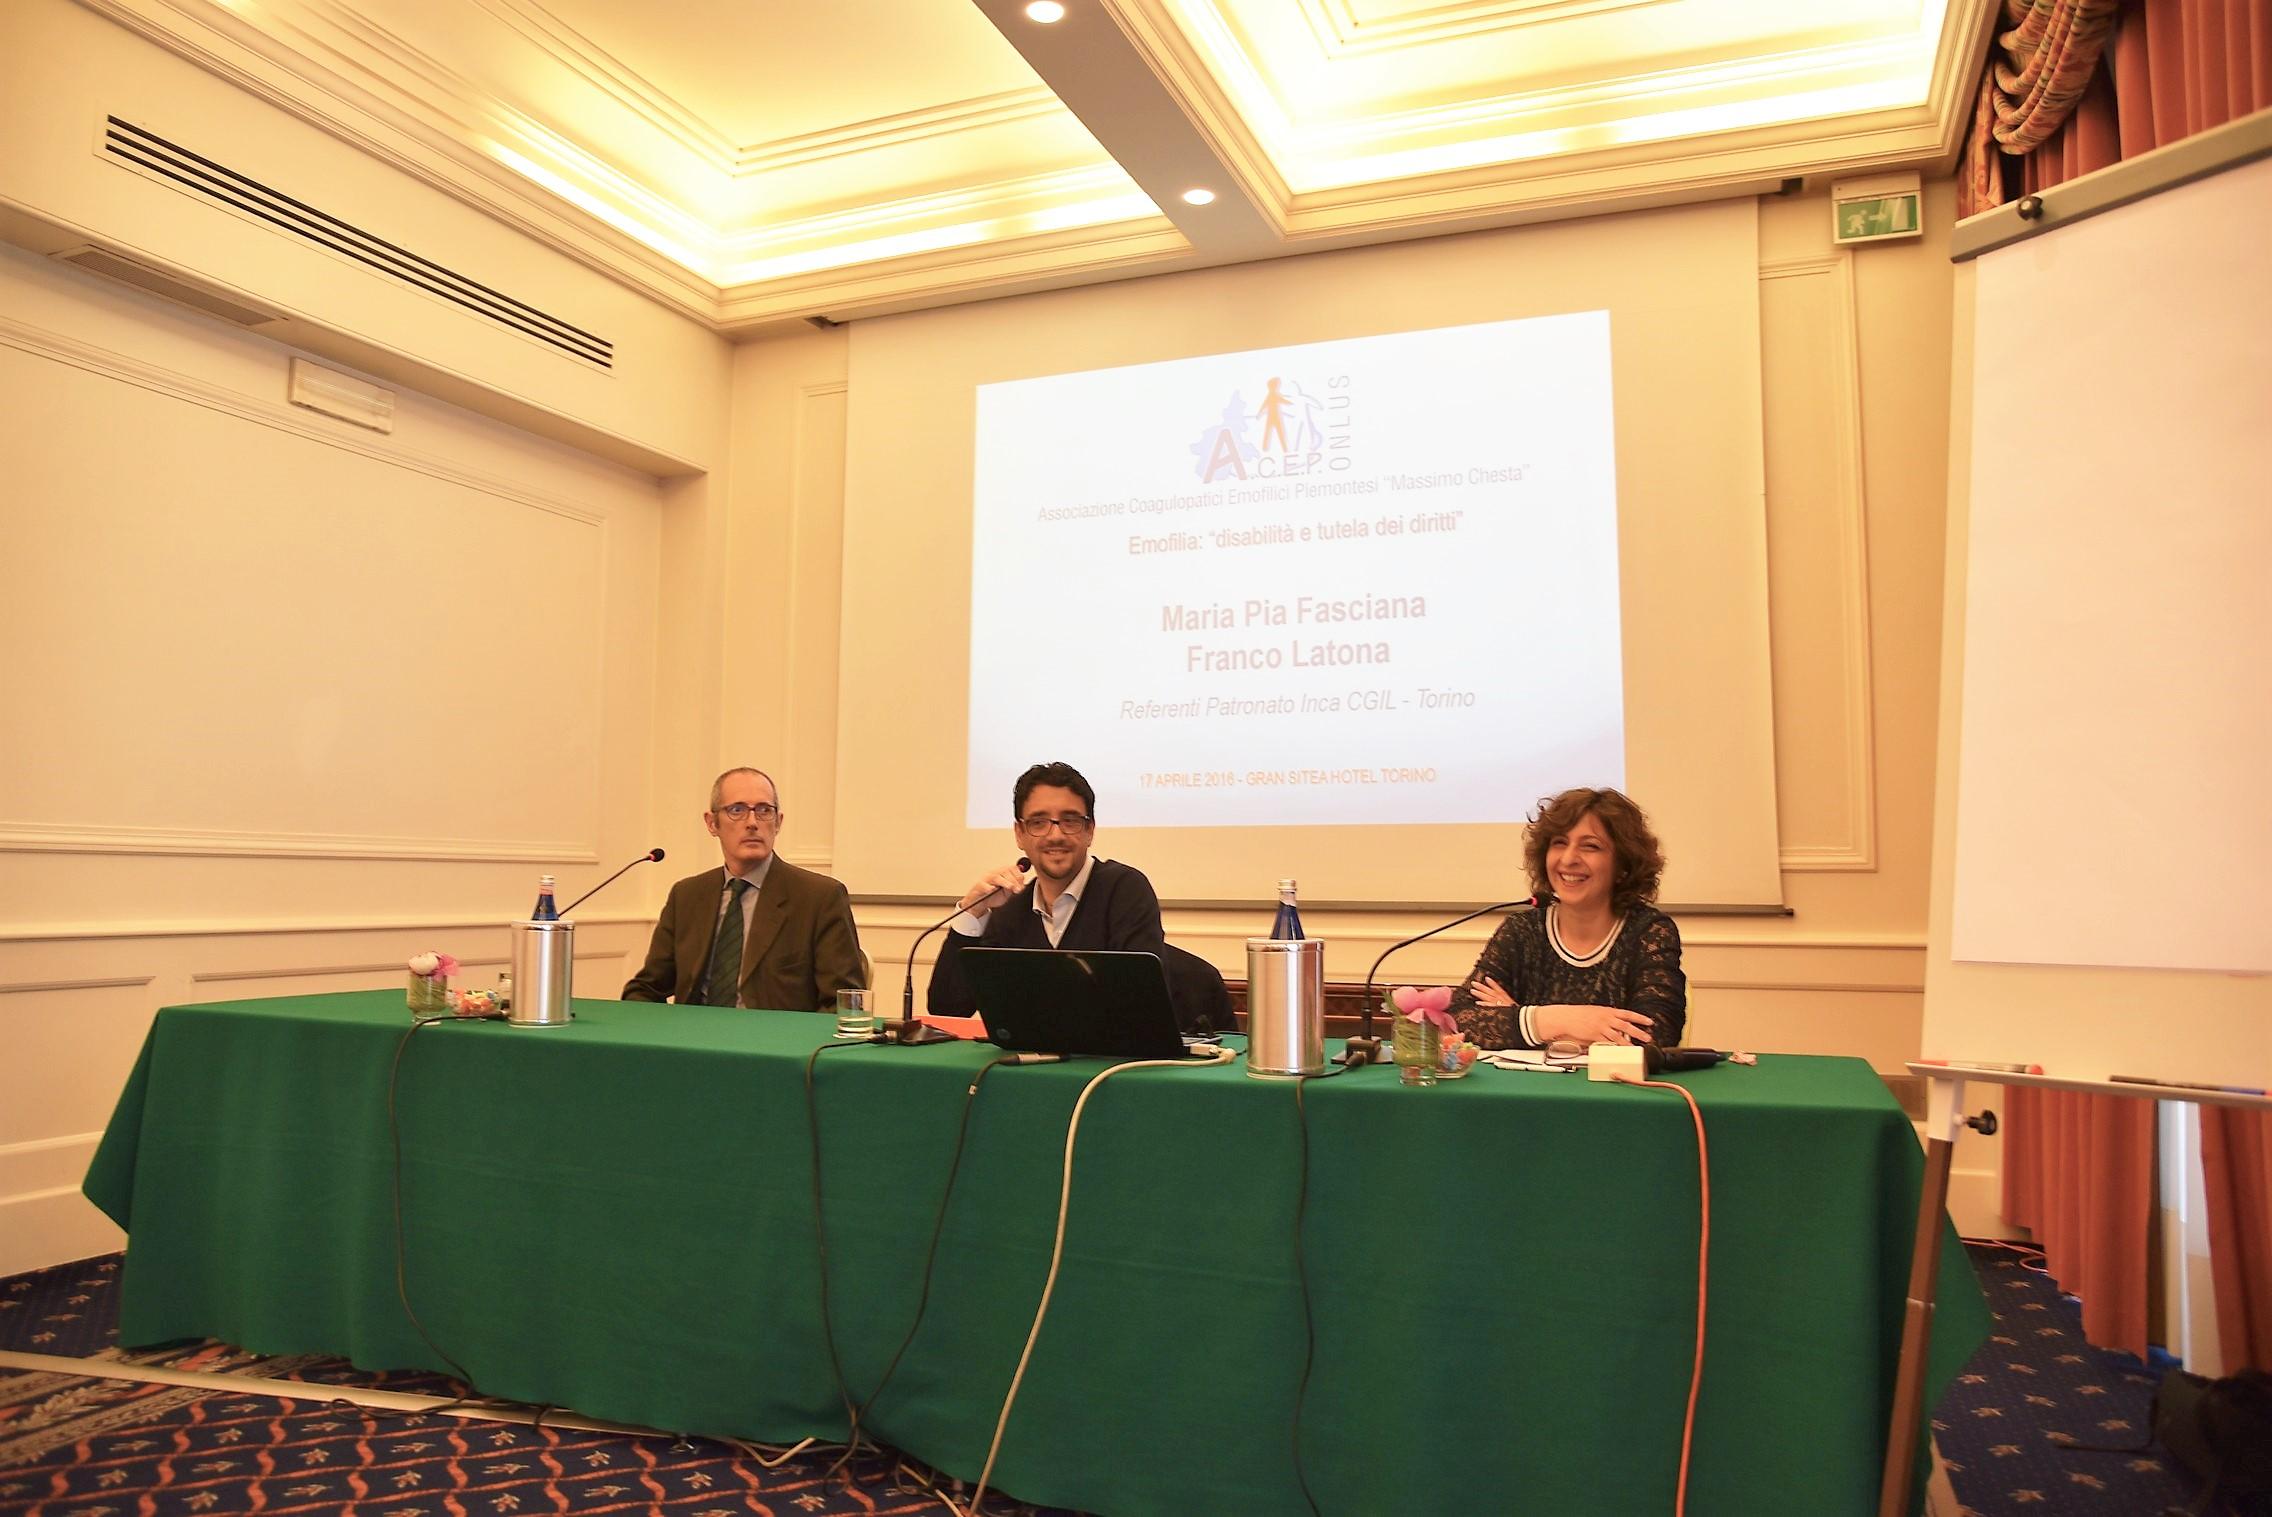 Franco Latona, Alberto Garnero, Maria Pia Fasciana